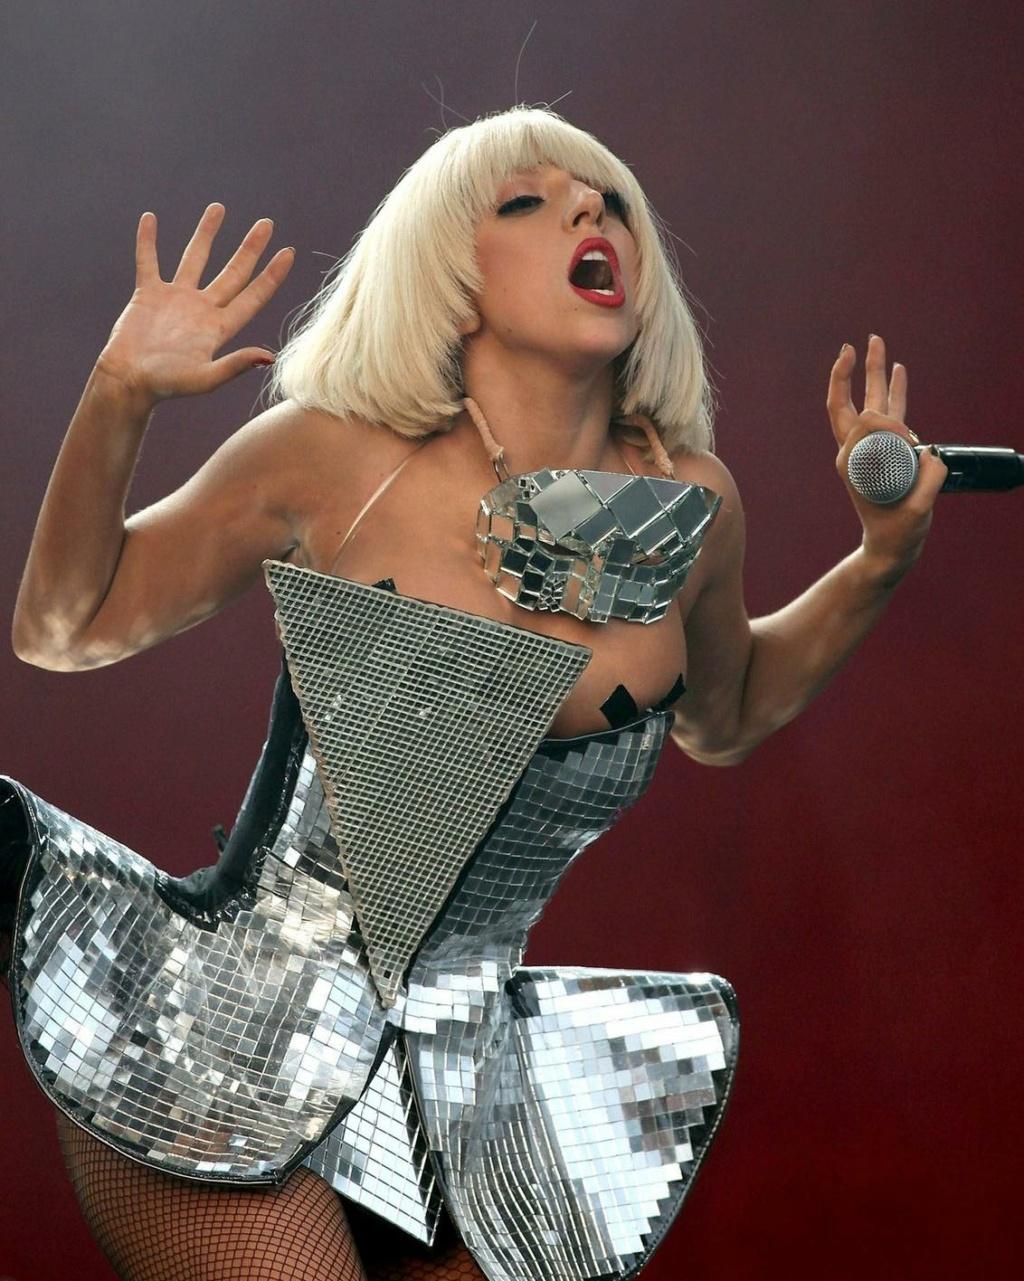 Lady Gaga ¿si o no? - Página 3 17169710